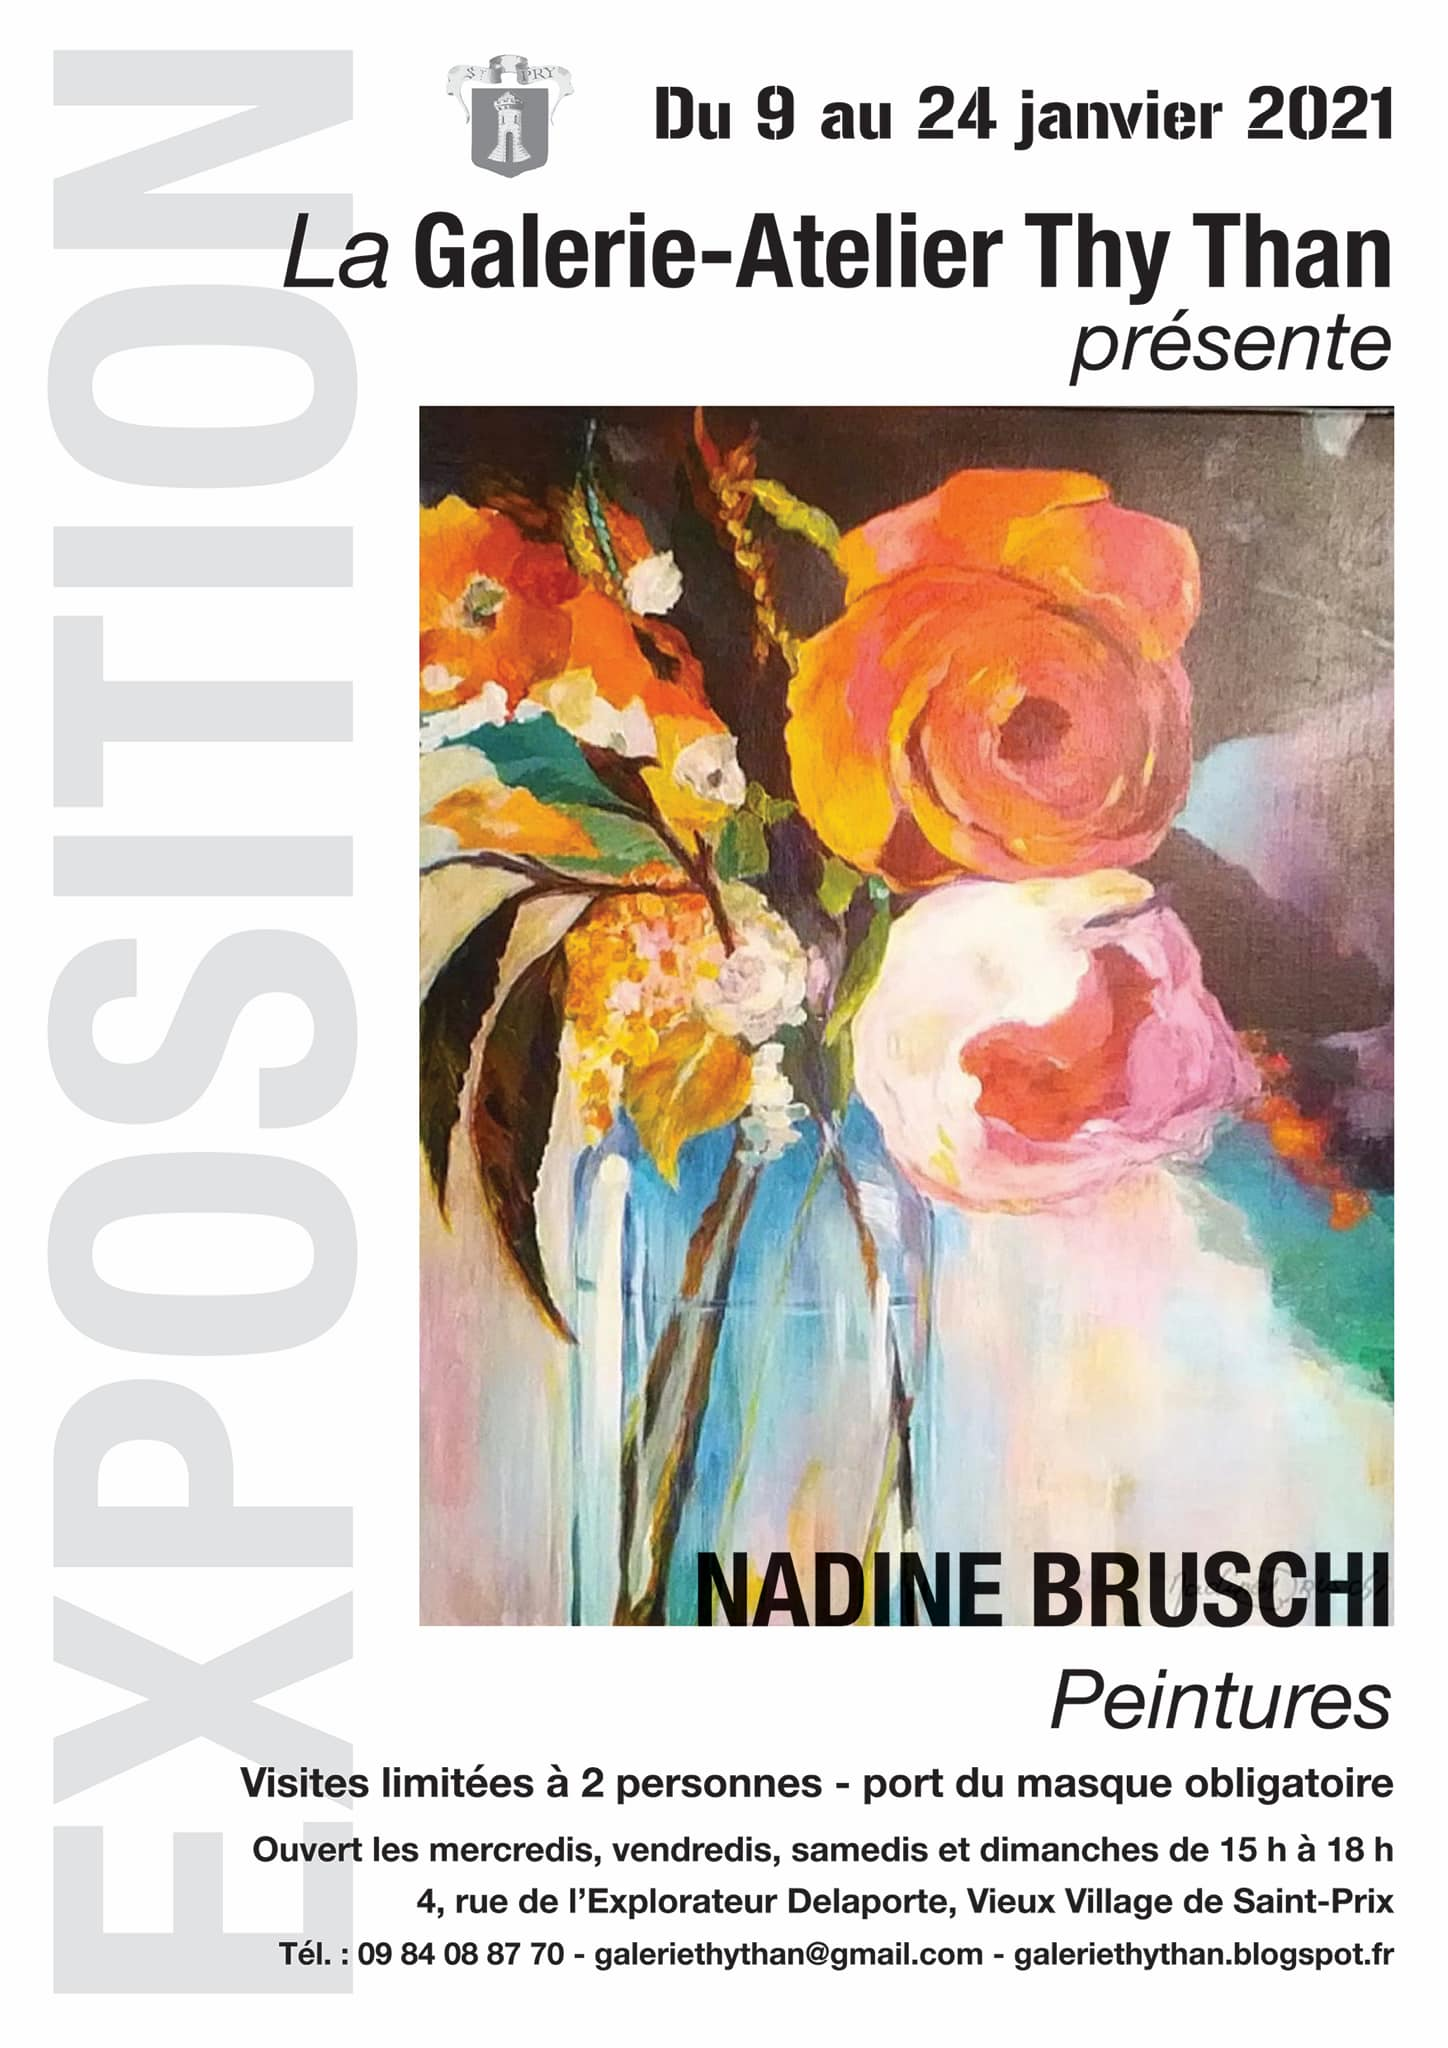 Exposition de Nadine Bruschi